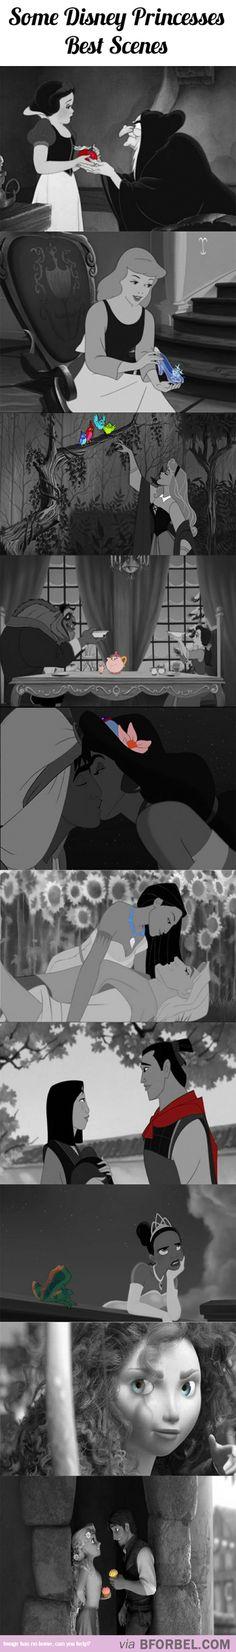 Disney princesses #disney #disneyprincess #colour